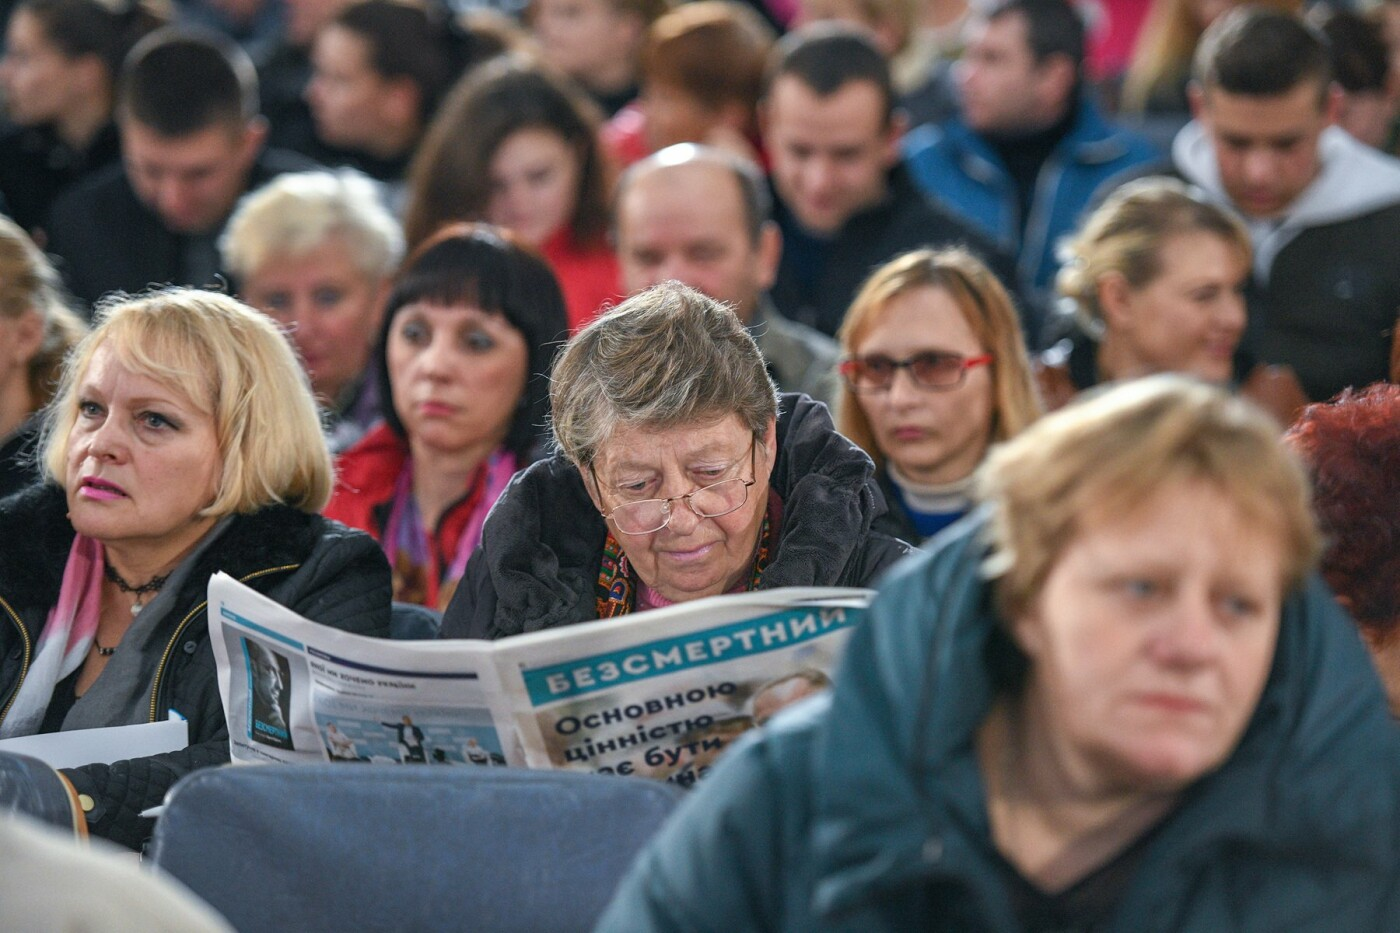 Державу треба перезаснувати, реалізуючи ідею «Великої України» - Роман Безсмертний, фото-2